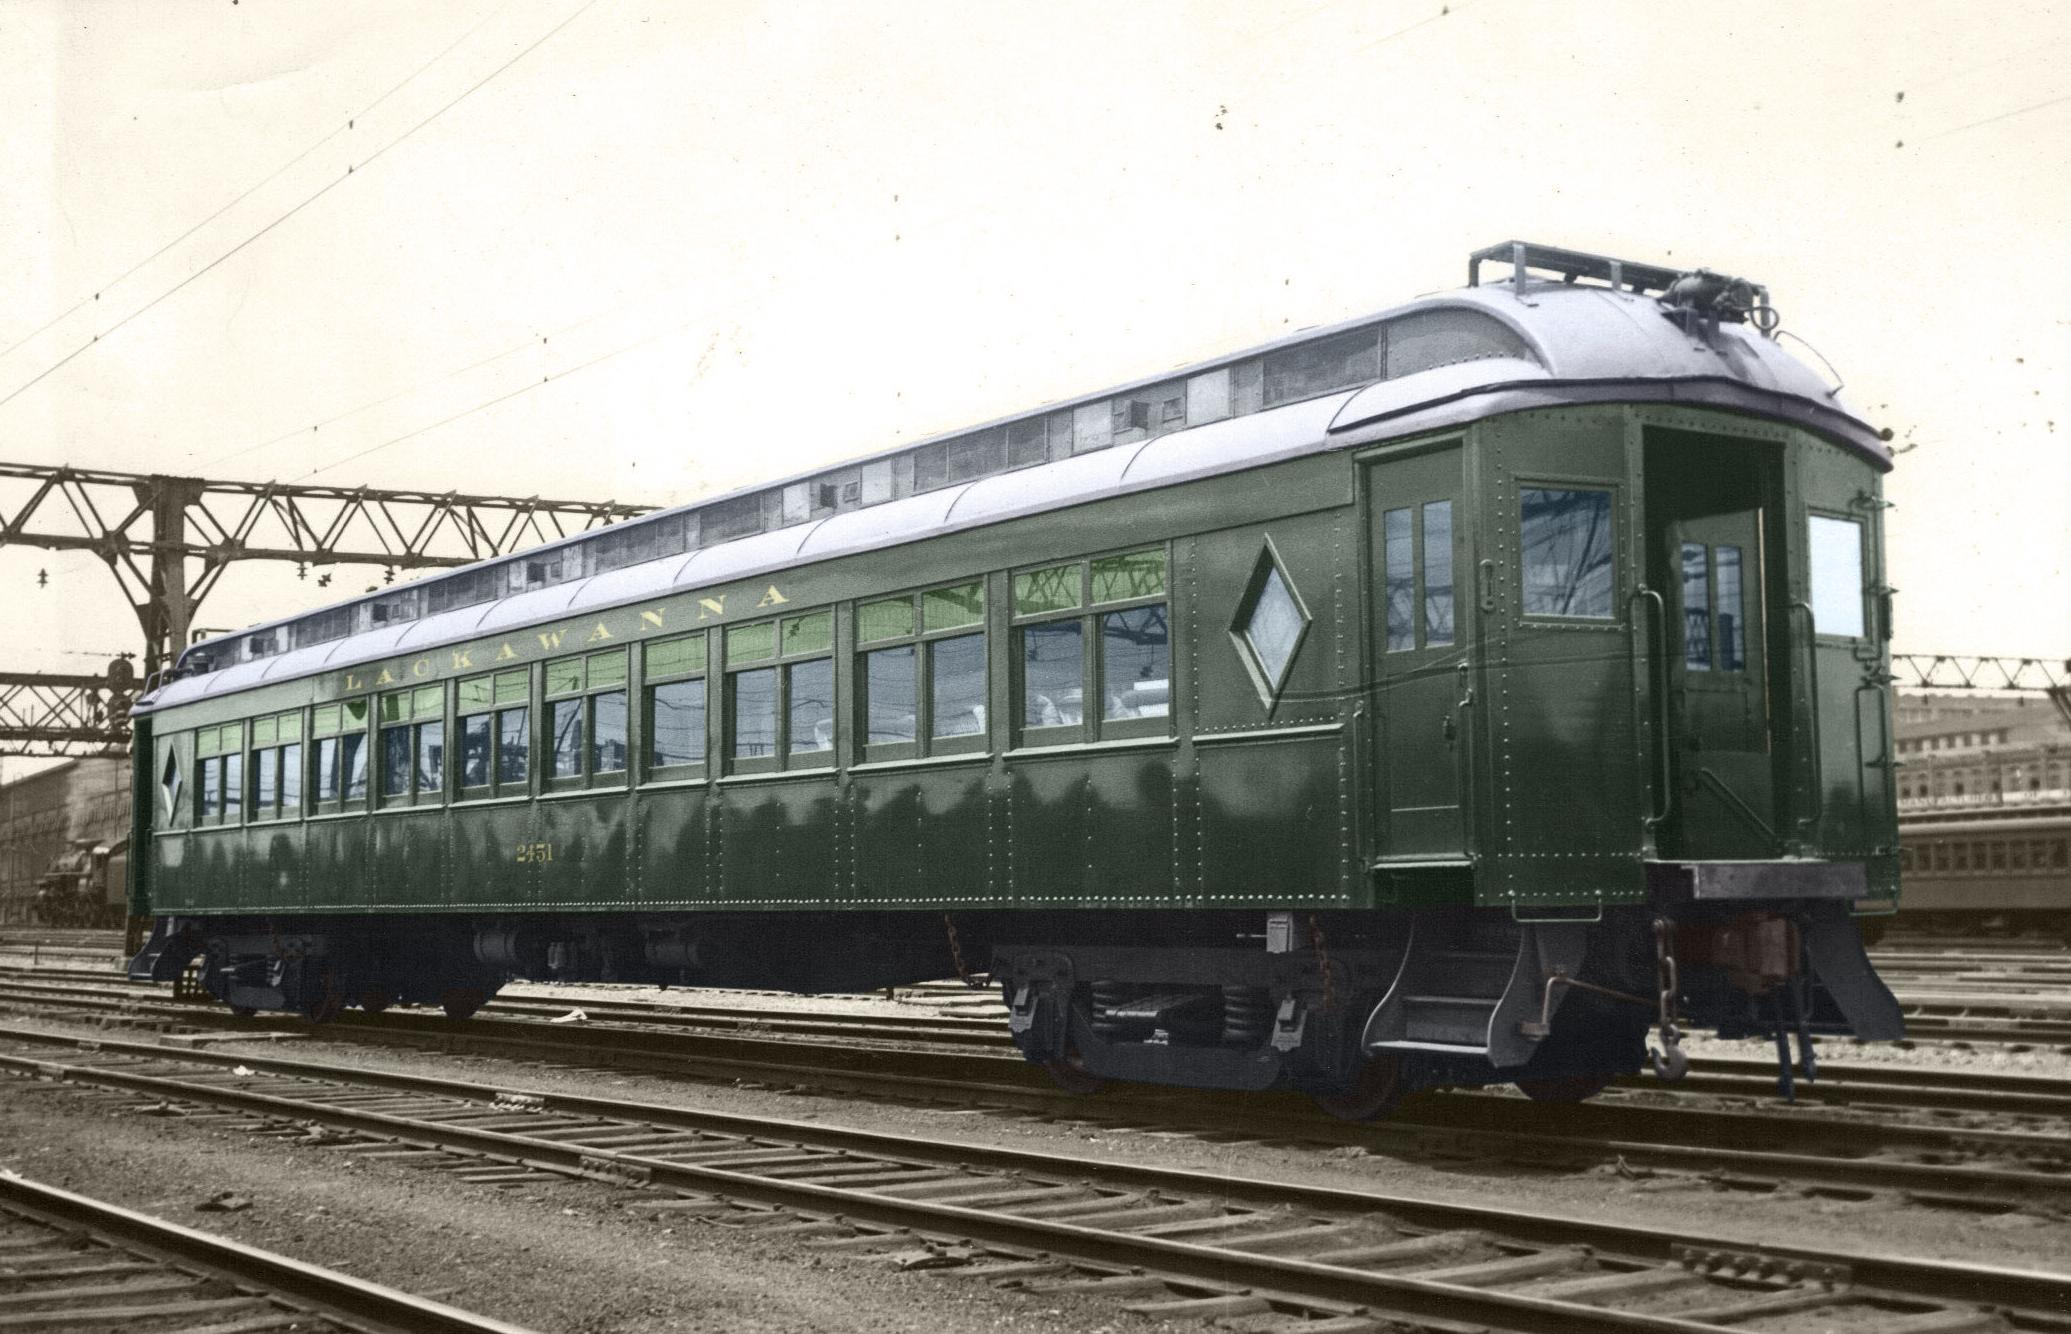 DL&W Club Car 3454 0 #2451 at Hoboken c-1930 - 1931 MU w-stained glass windows EDIT.jpg